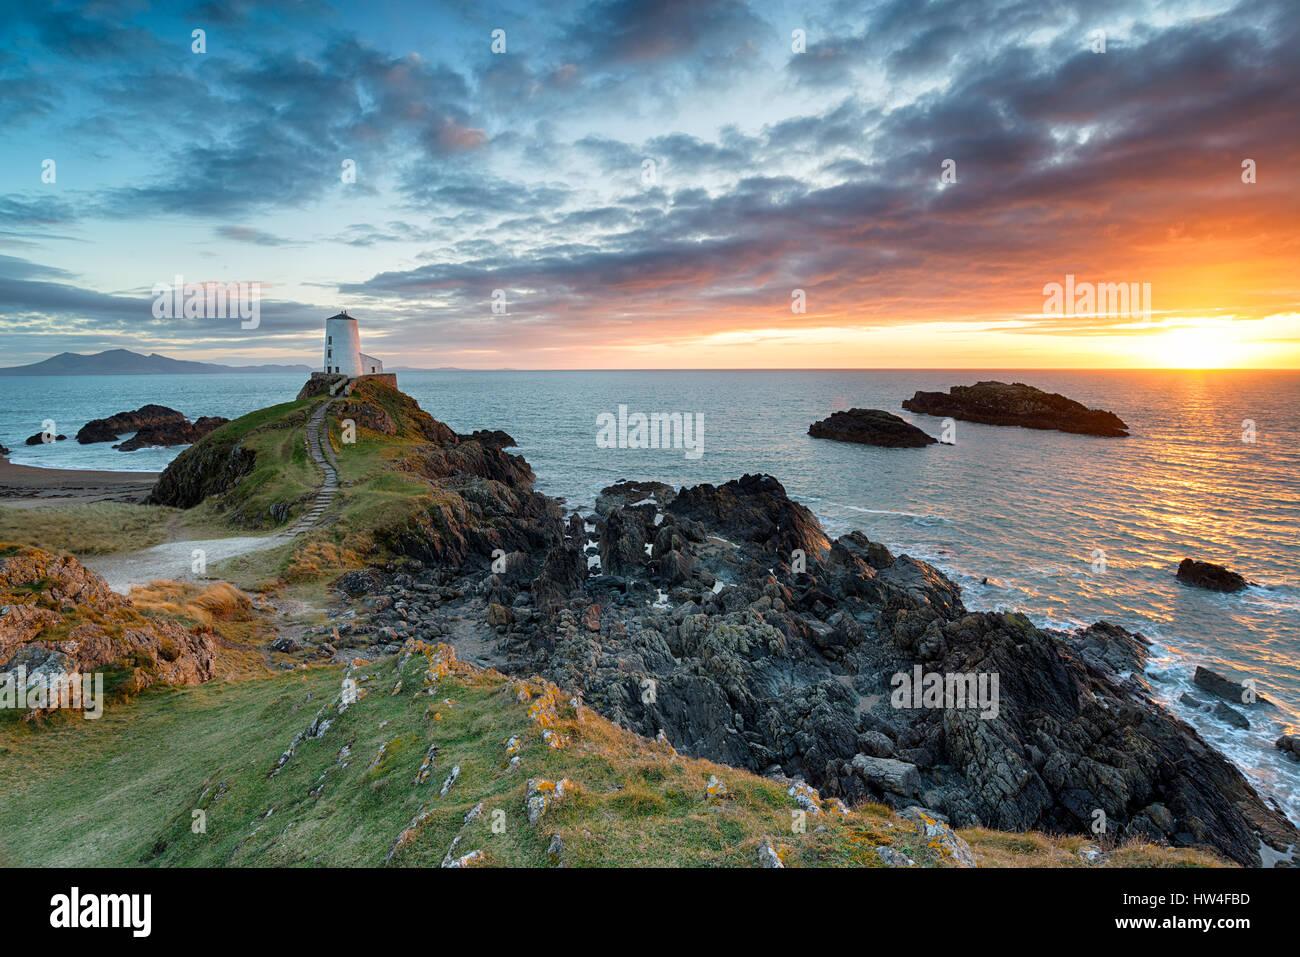 Atemberaubenden Sonnenuntergang über dem Twr Mawr Leuchtturm auf Ynys Llanddwyn auf der Küste von Anglesey Stockbild